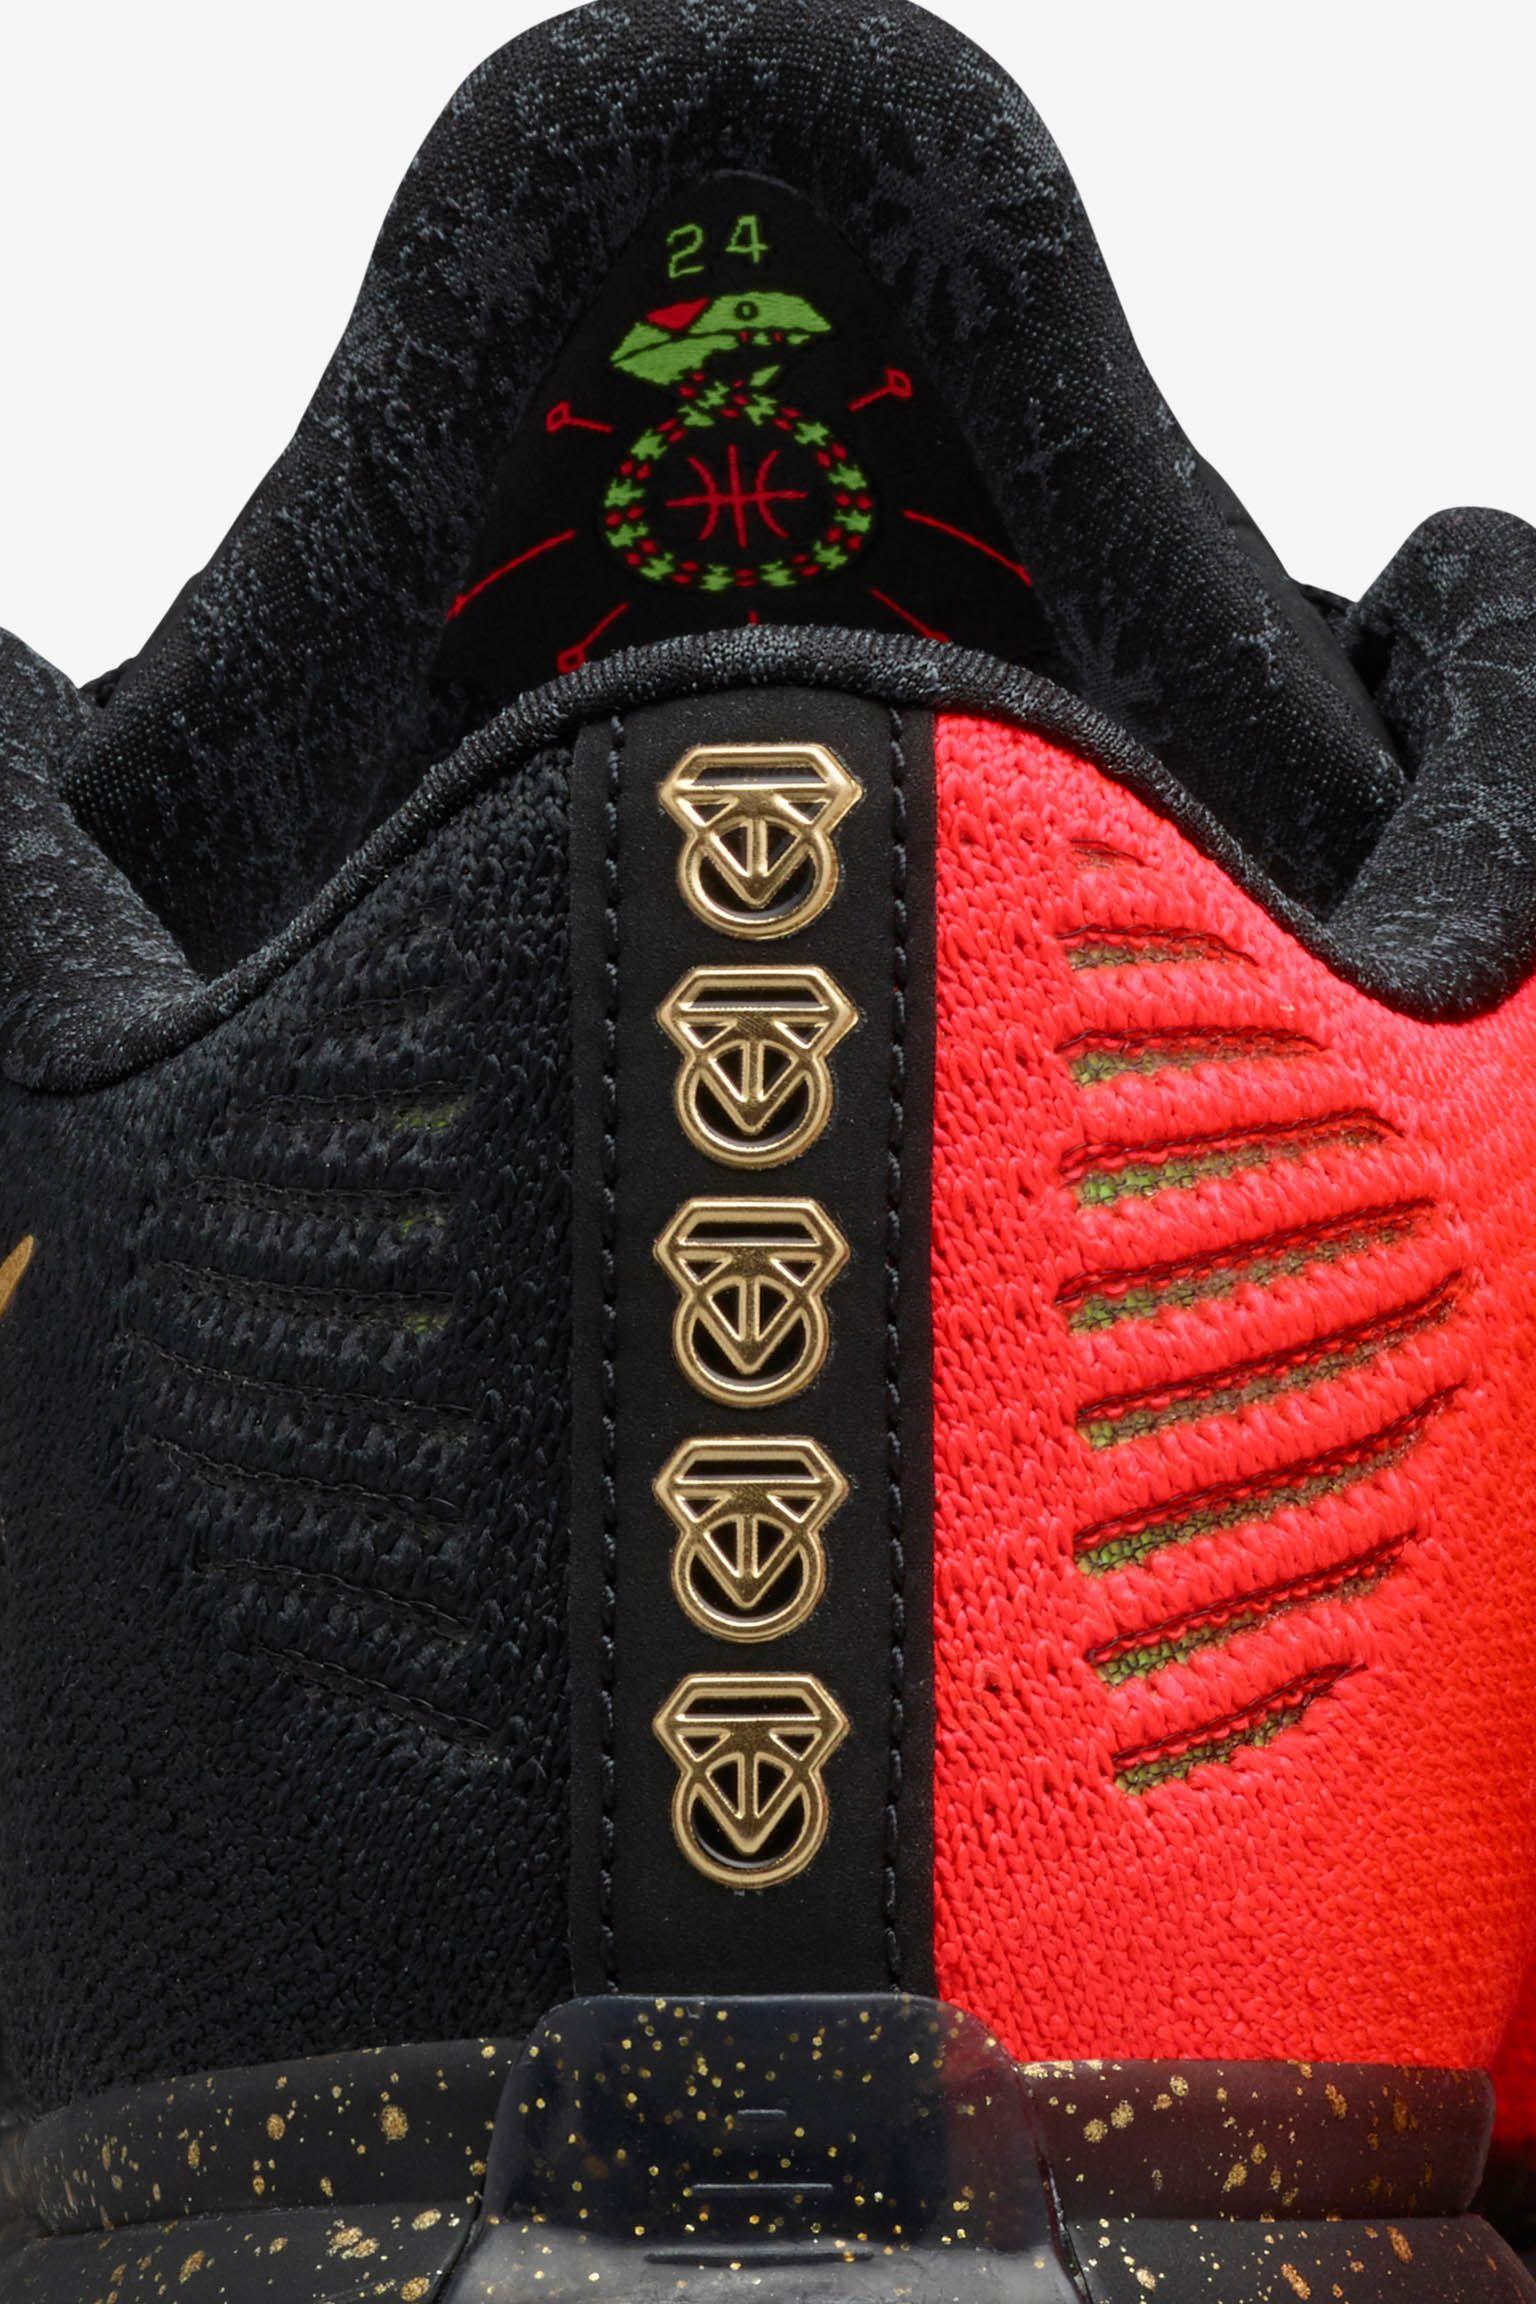 Nike Kobe 10 Elite Low 'Fire & Ice' Release Date